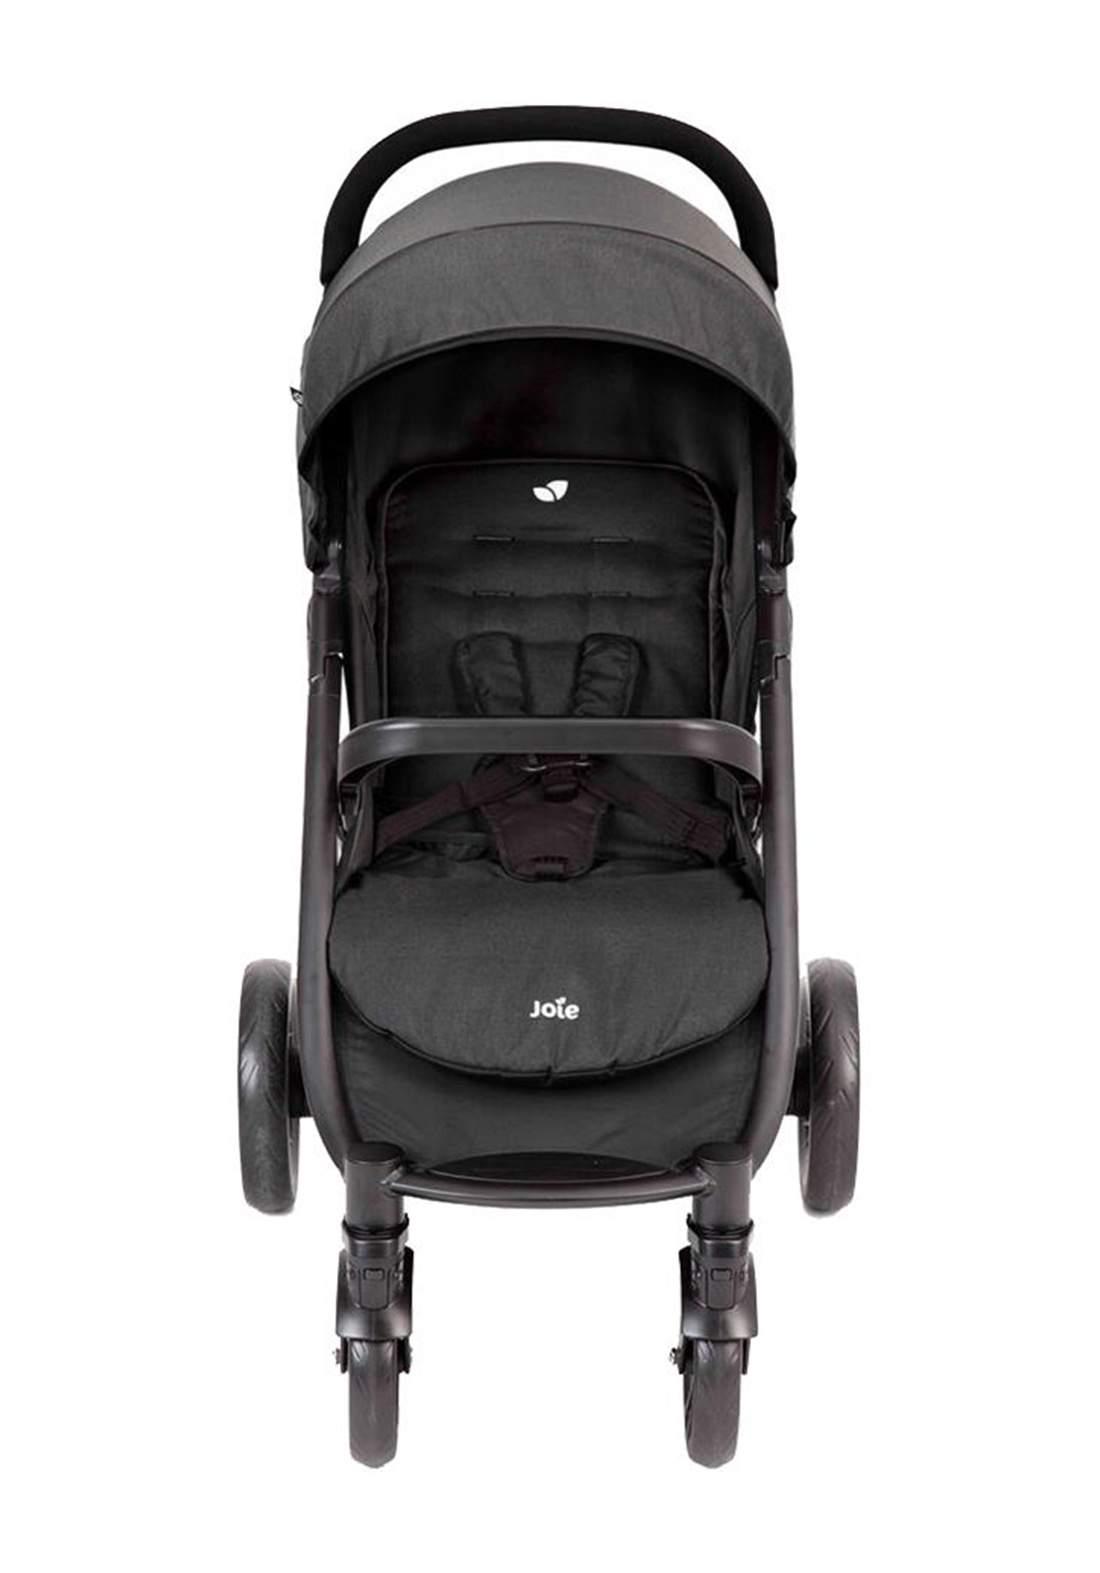 عربة اطفال  15 كغمJoie Baby S1112SACOL000 Baby Stroller